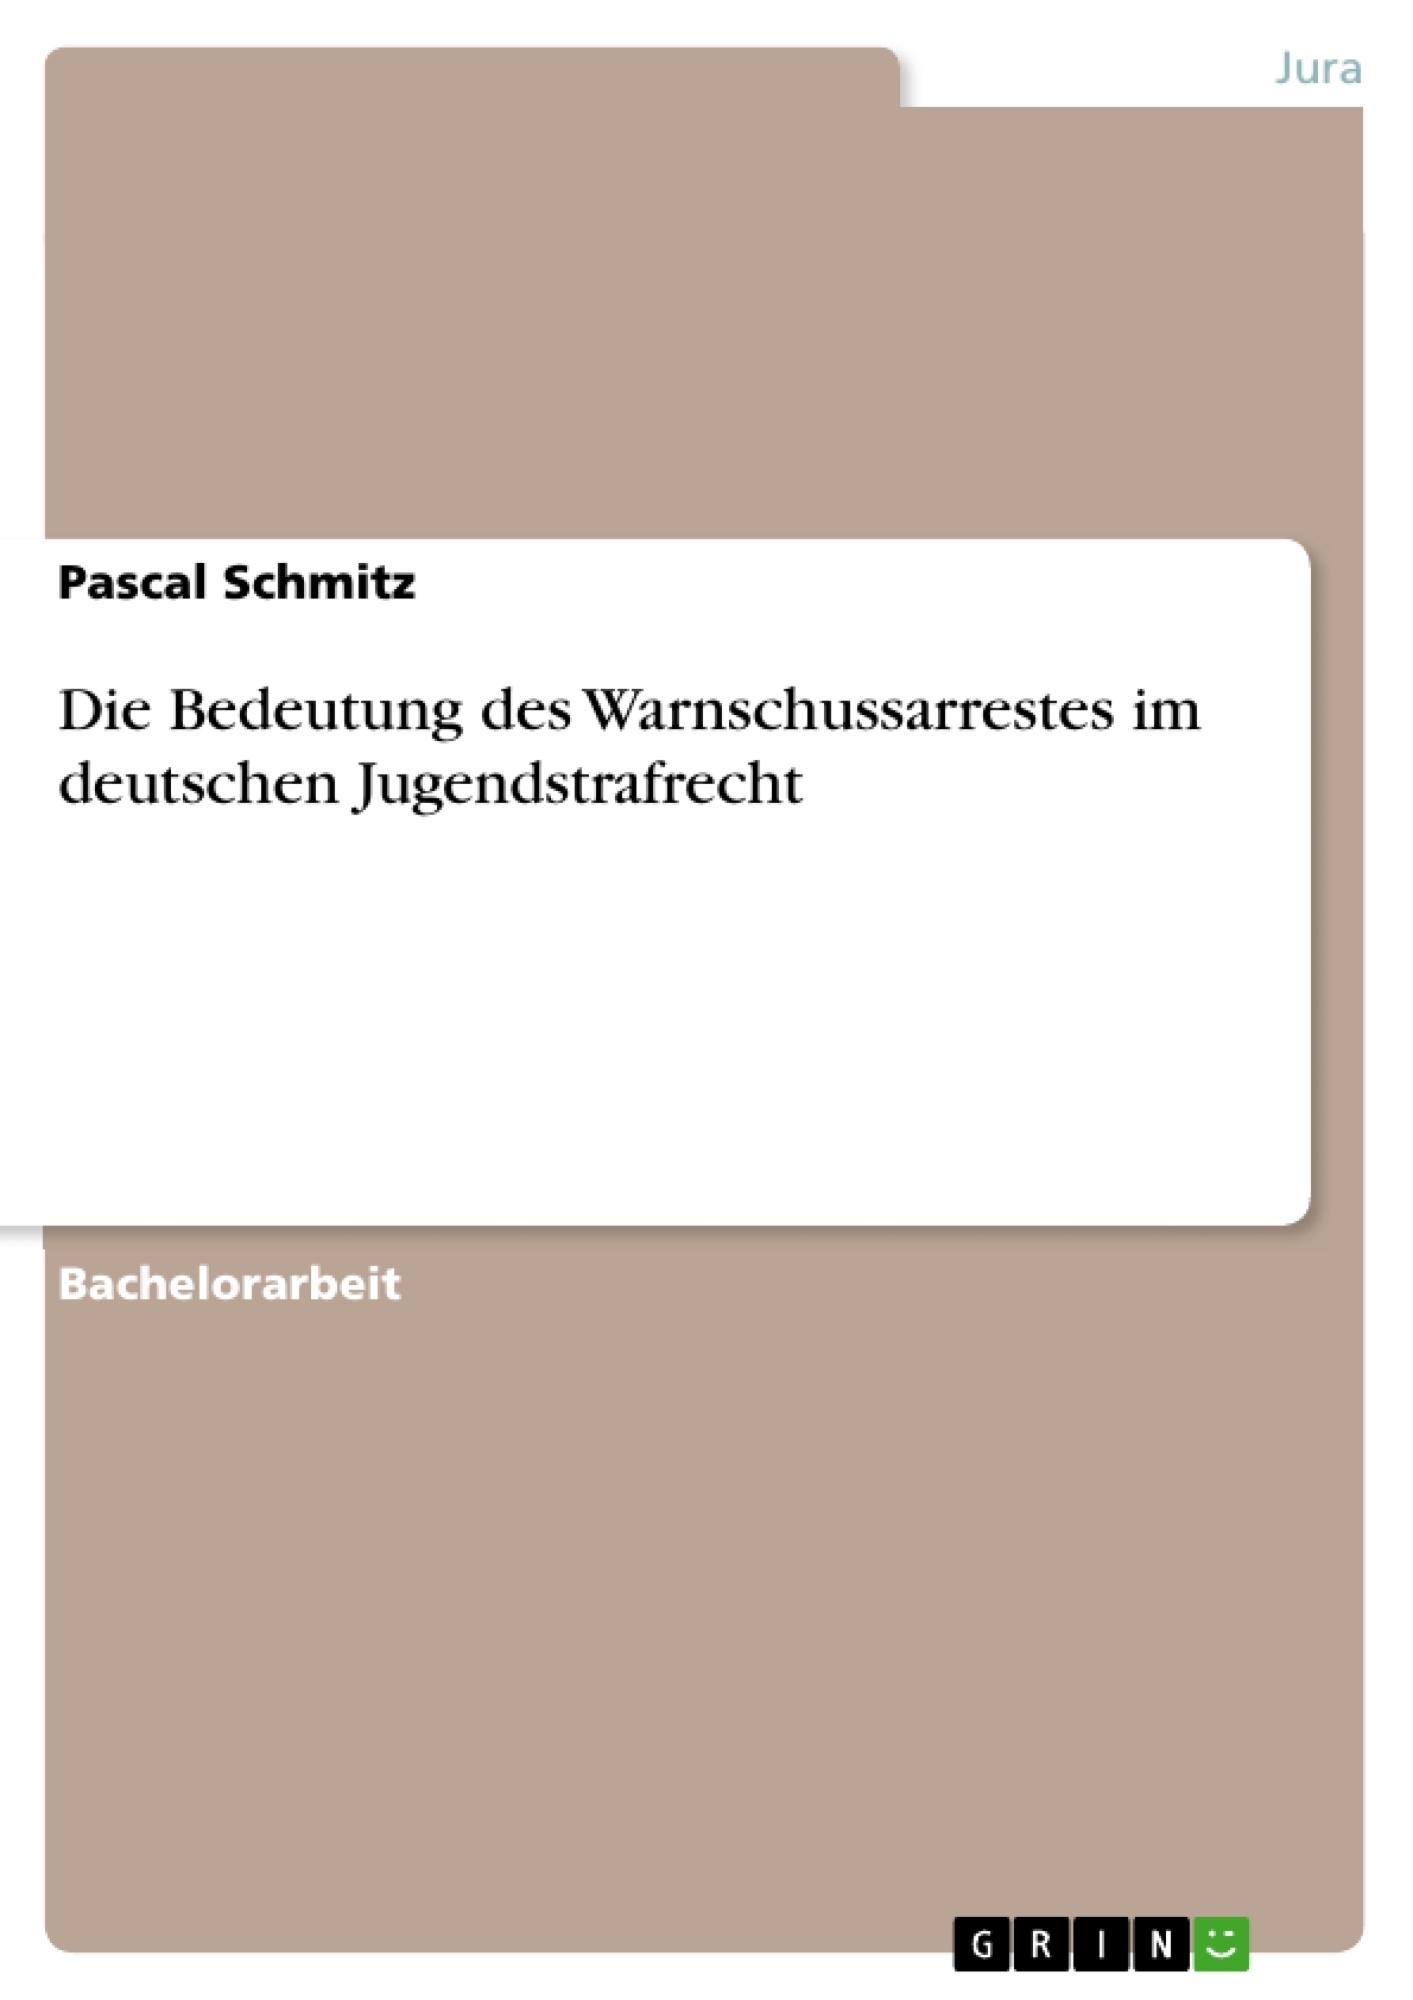 Titel: Die Bedeutung des Warnschussarrestes im deutschen Jugendstrafrecht